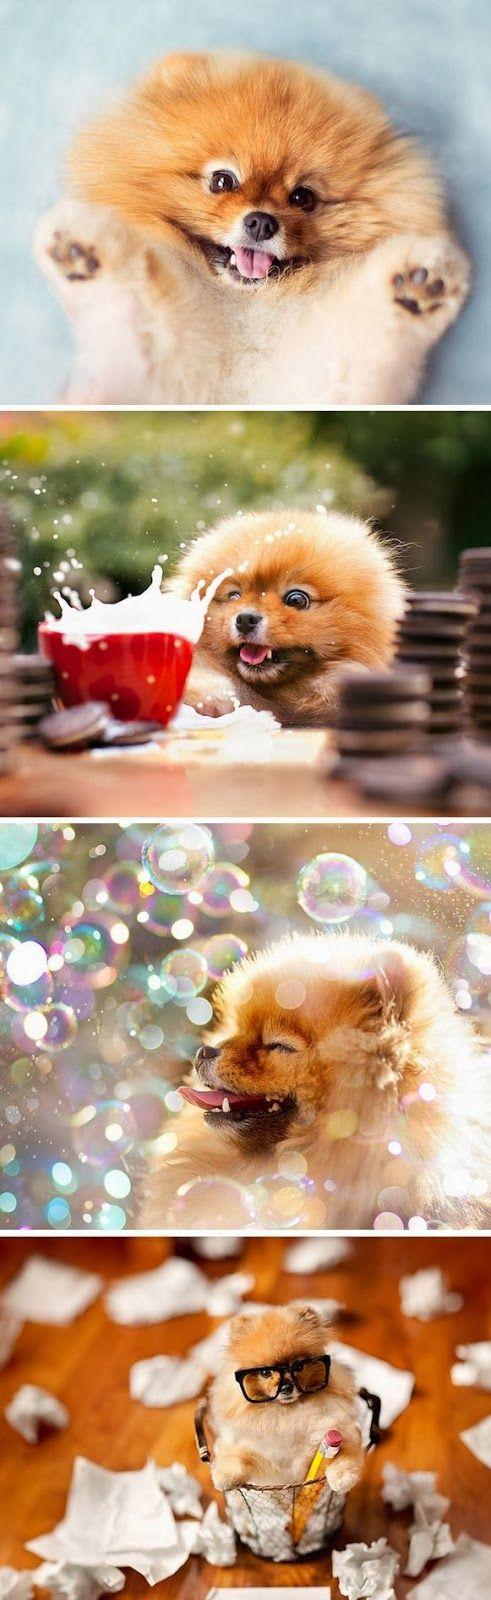 Soñando con Perros: FOTOS QUE INSPIRAN...